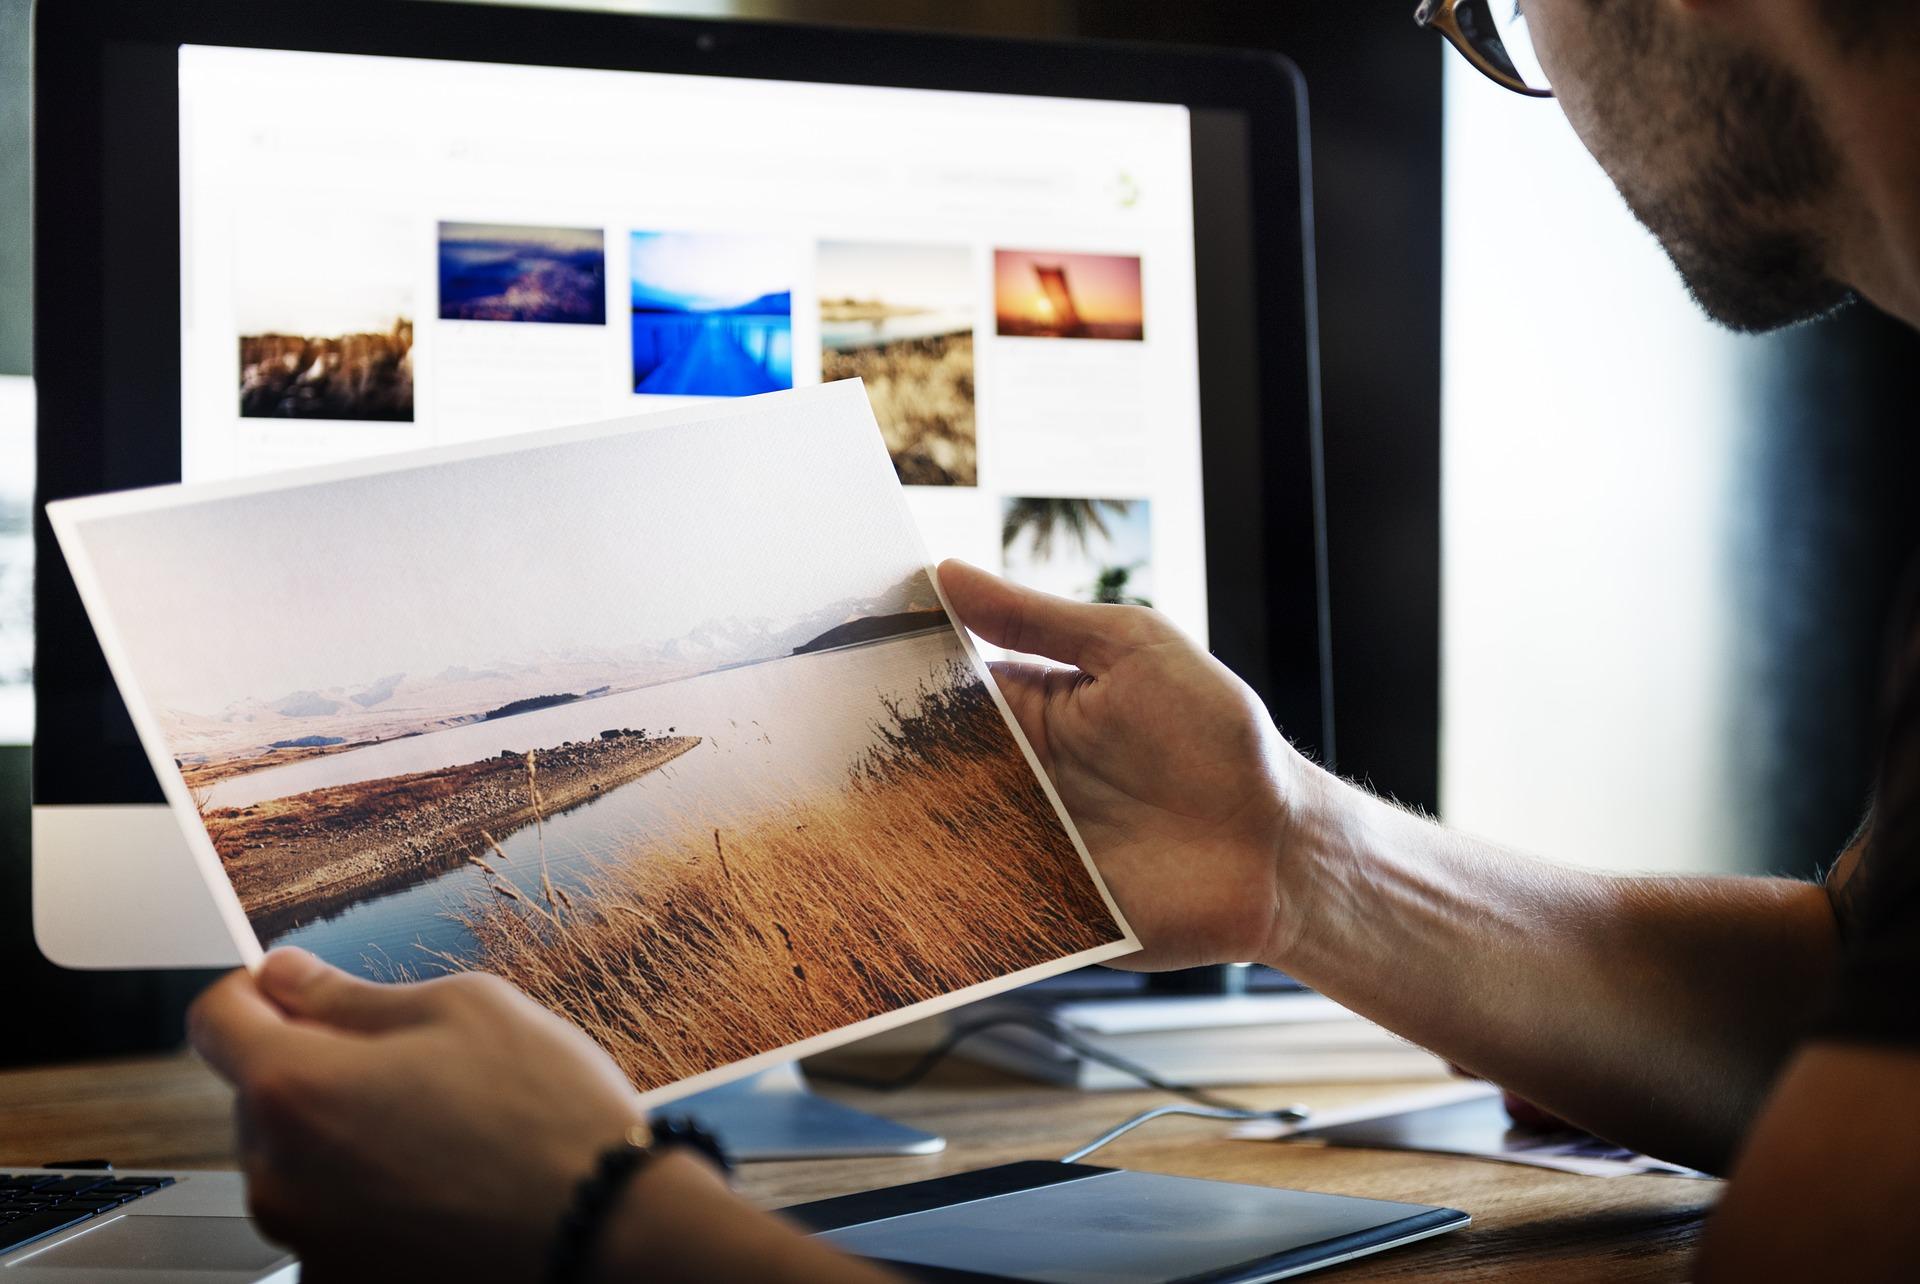 עיצוב גרפי לצלמים – הכלים שכדאי להכיר